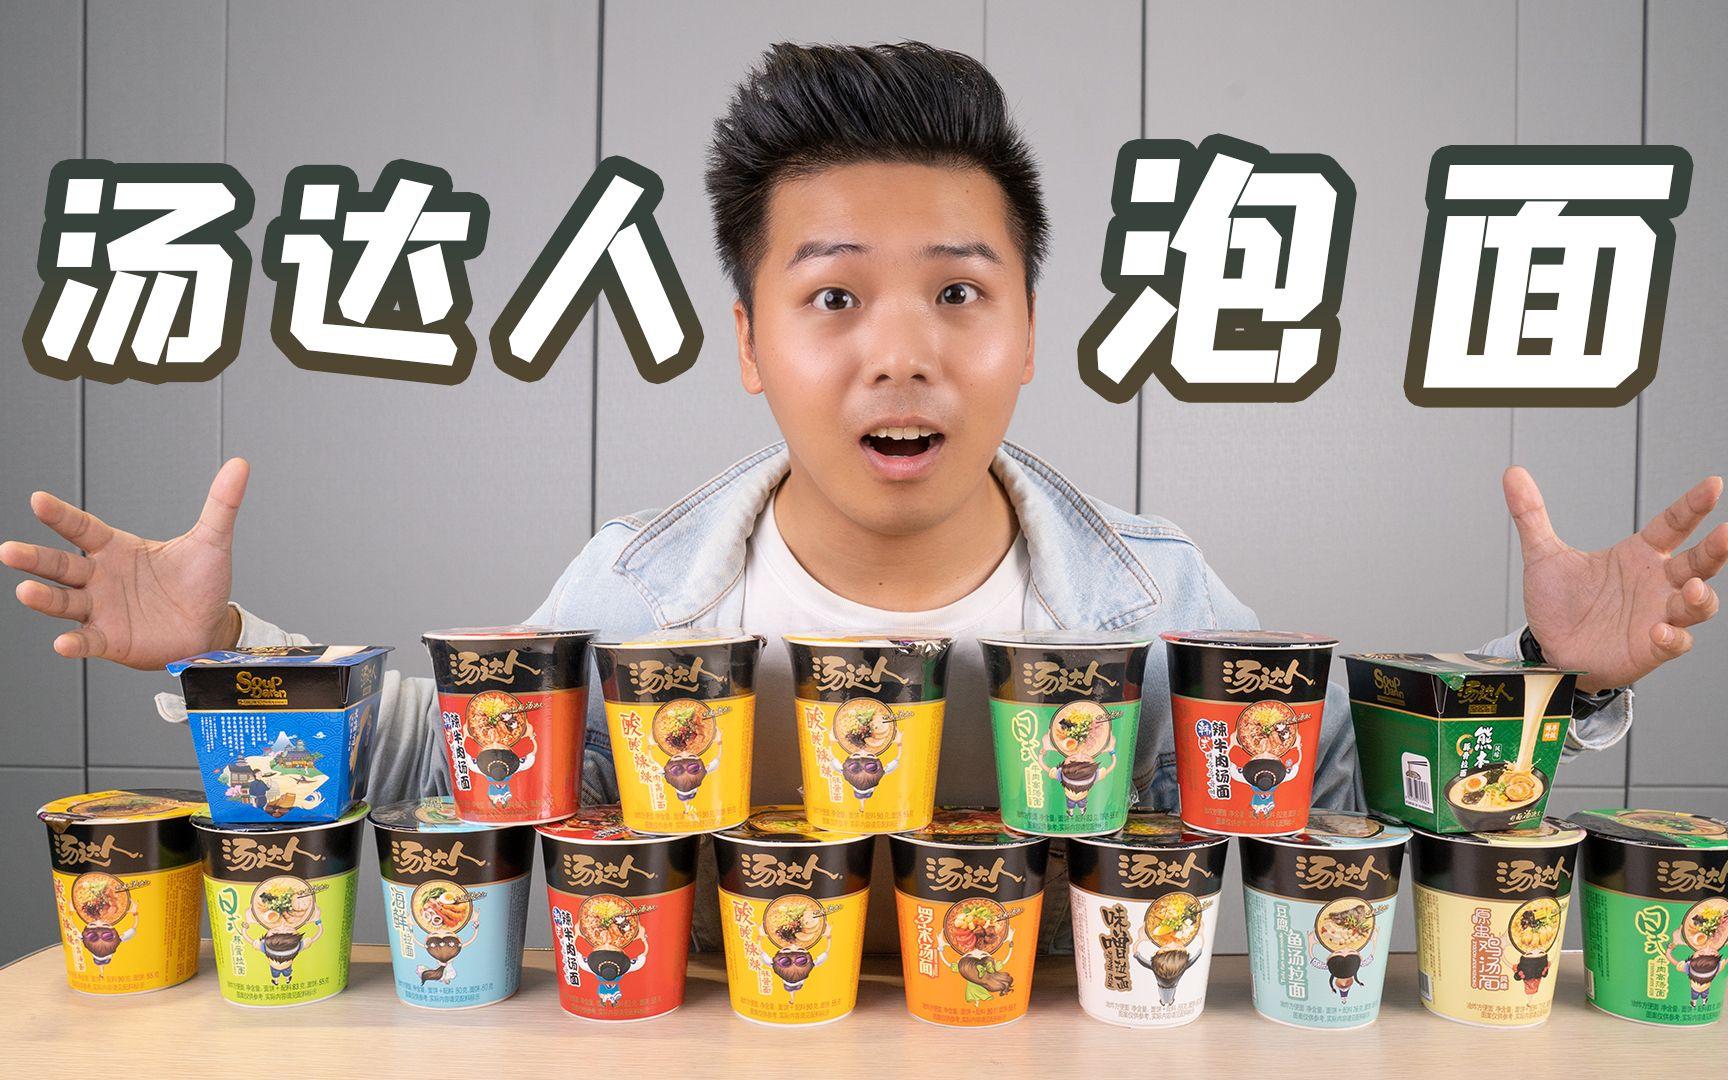 试吃汤达人全部口味的泡面! 哪一款味道最好吃?